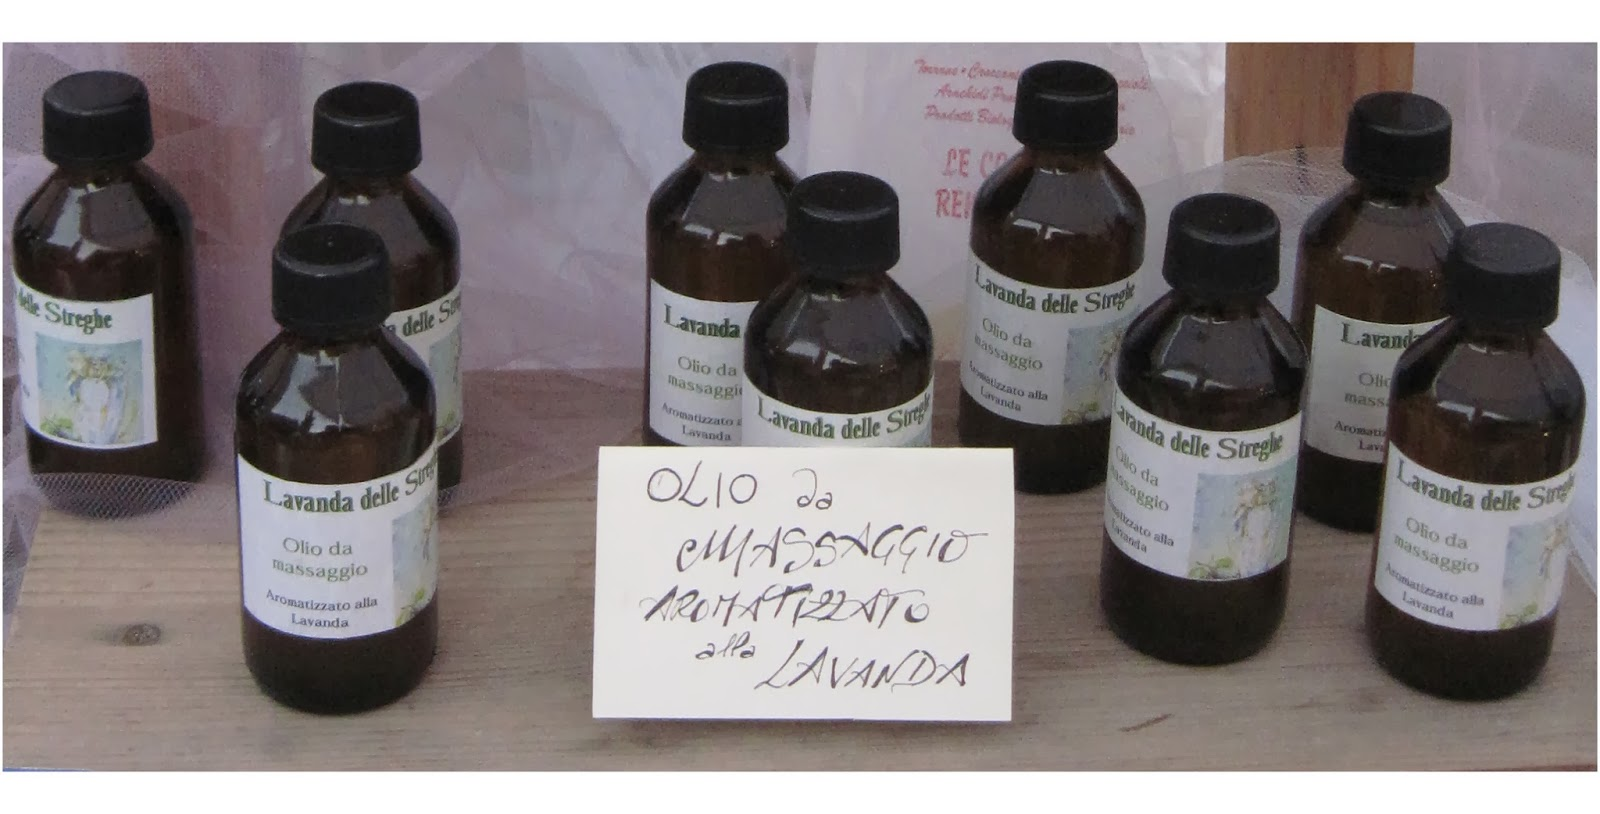 Lavanda delle streghe: olio da massaggio e fusi di lavanda